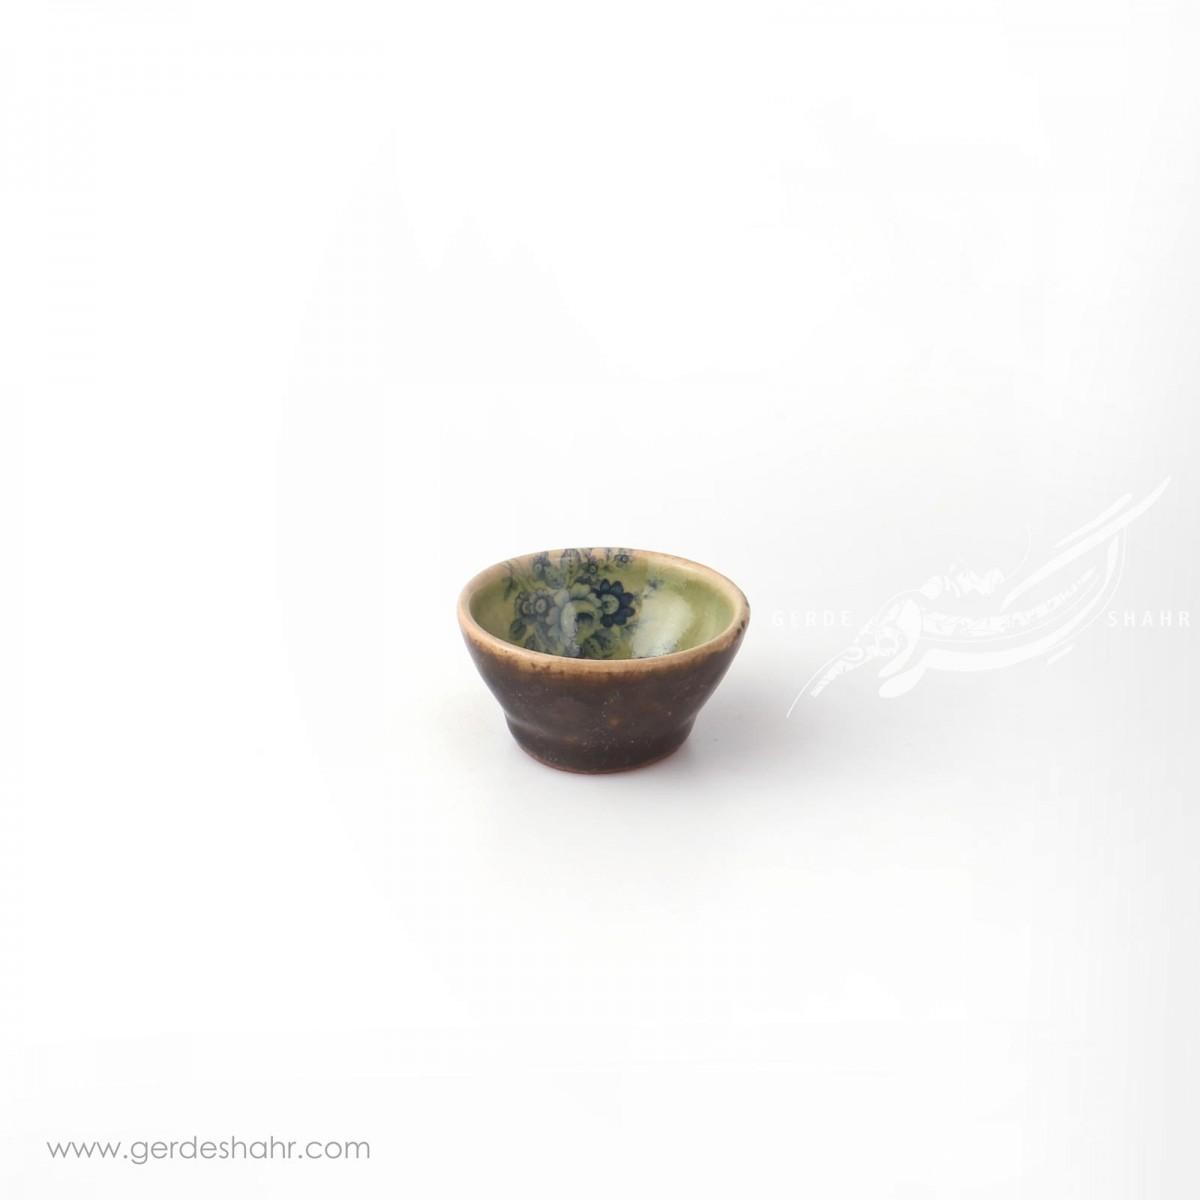 کاسه خیلی کوچک سبز با گل آبی سایز7 ماه فروز محصولات